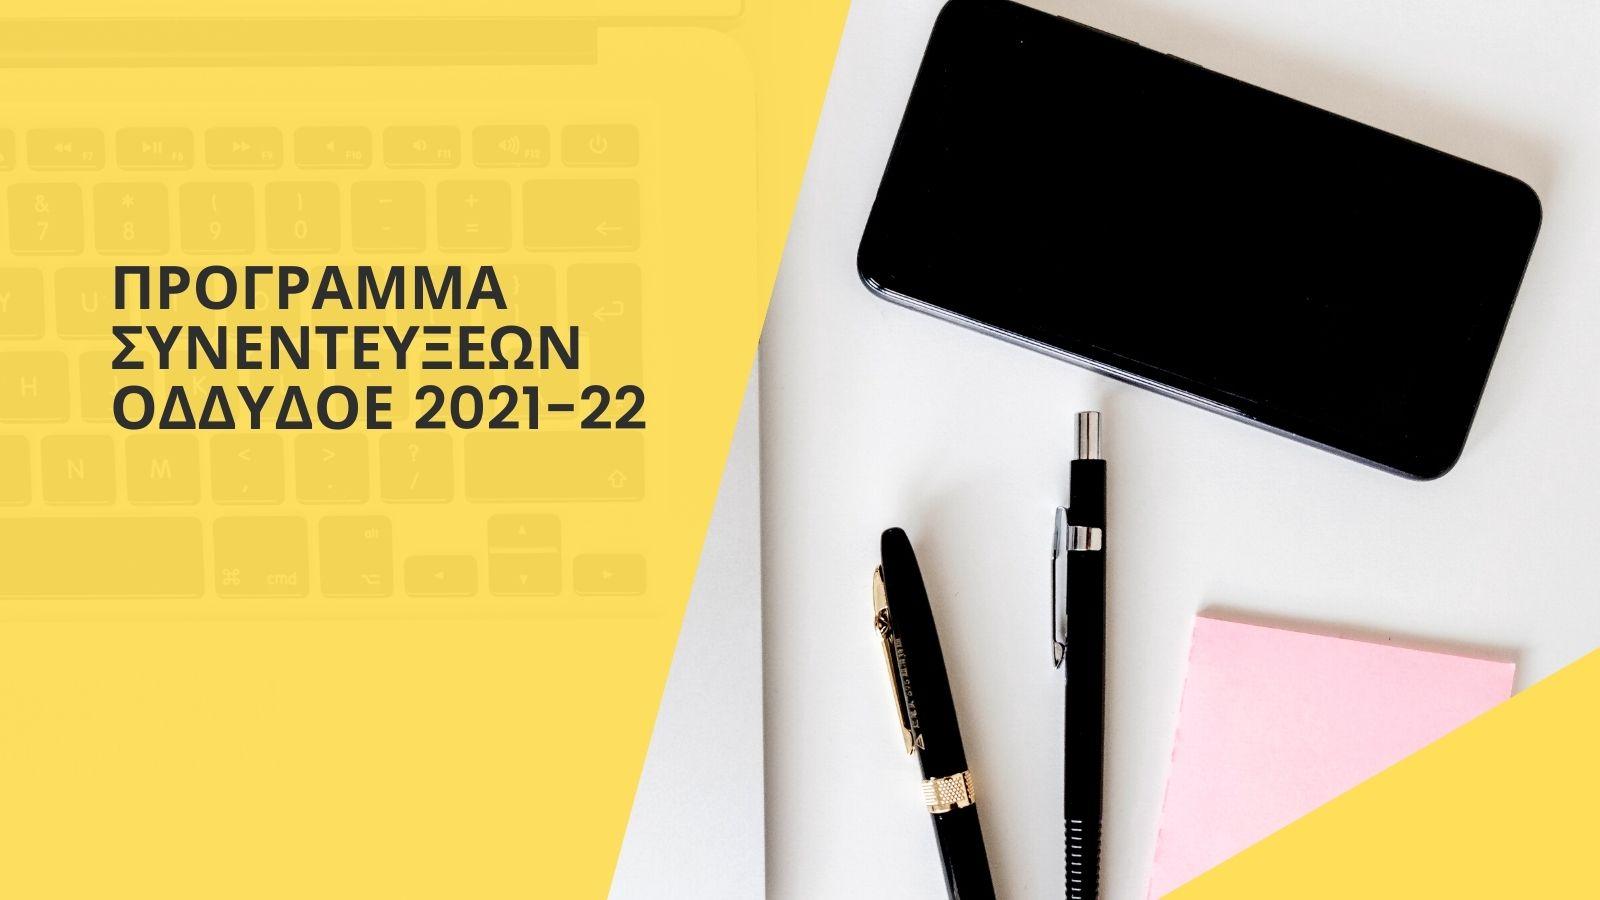 ΠΡΟΓΡΑΜΜΑ ΣΥΝΕΝΤΕΥΞΕΩΝ ΟΔΔΥΔΟΕ 2021-22